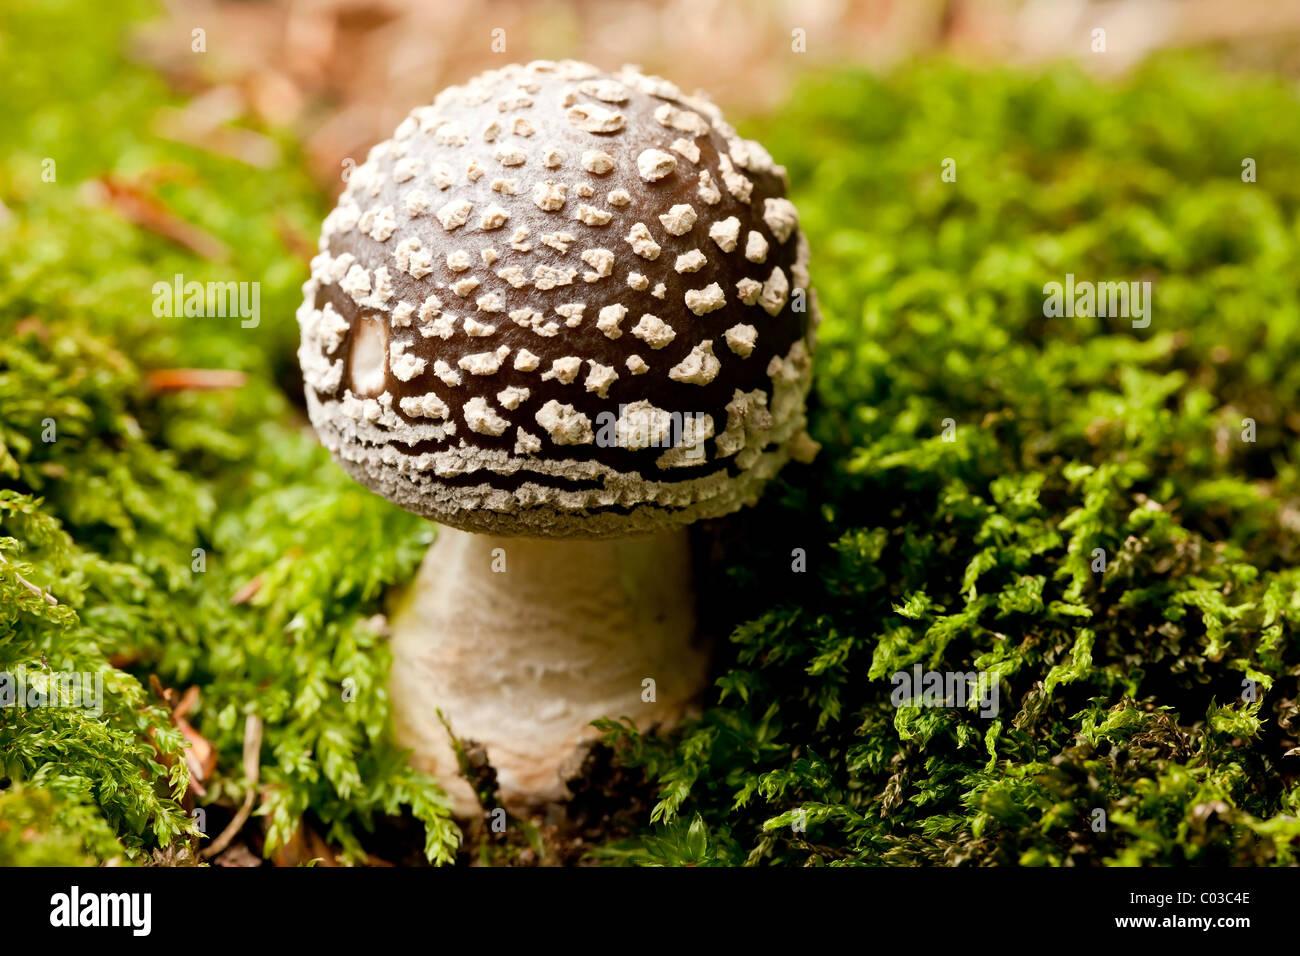 Panther cap mushroom (Amanita pantherina) Stock Photo